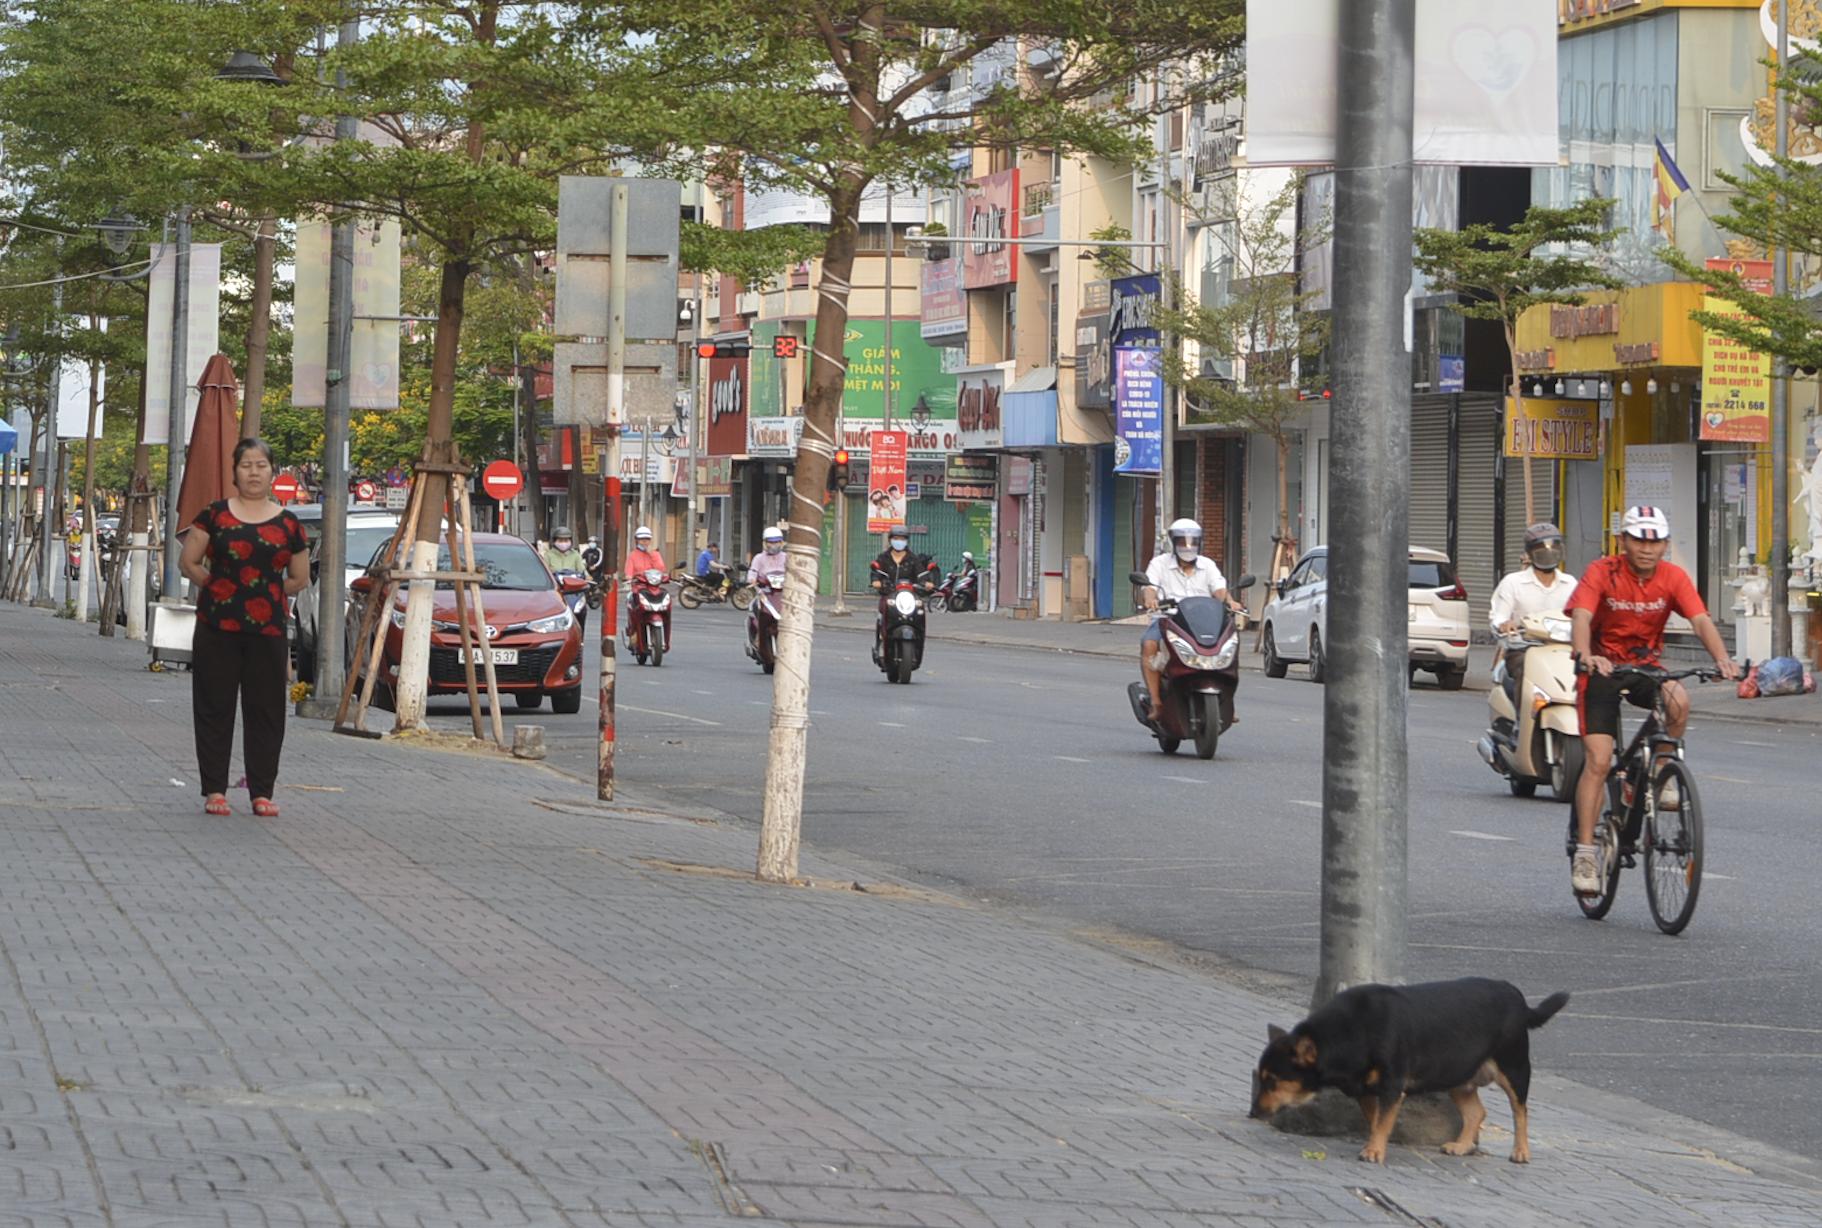 Đà Nẵng: Nhiều người không đeo khẩu trang, ra đường đông như không có cách li xã hội - Ảnh 9.